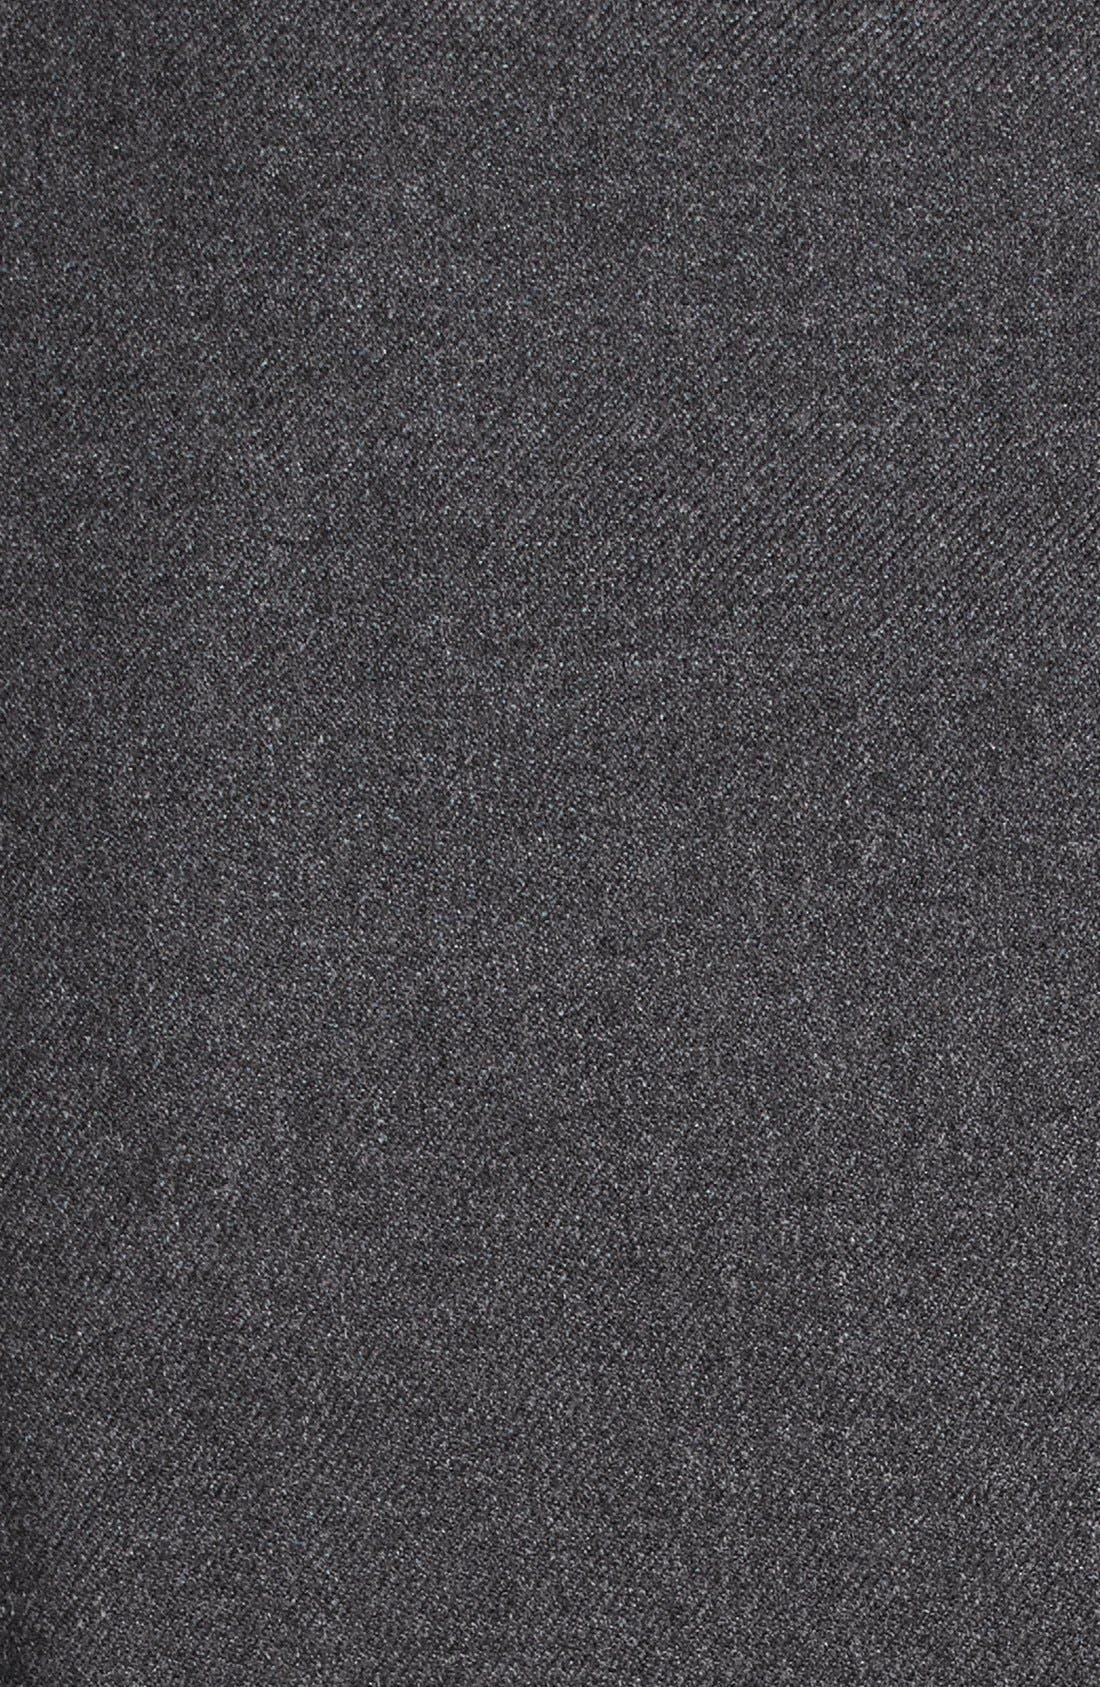 Alternate Image 3  - Elie Tahari 'Lindley' Stretch Wool Jacket